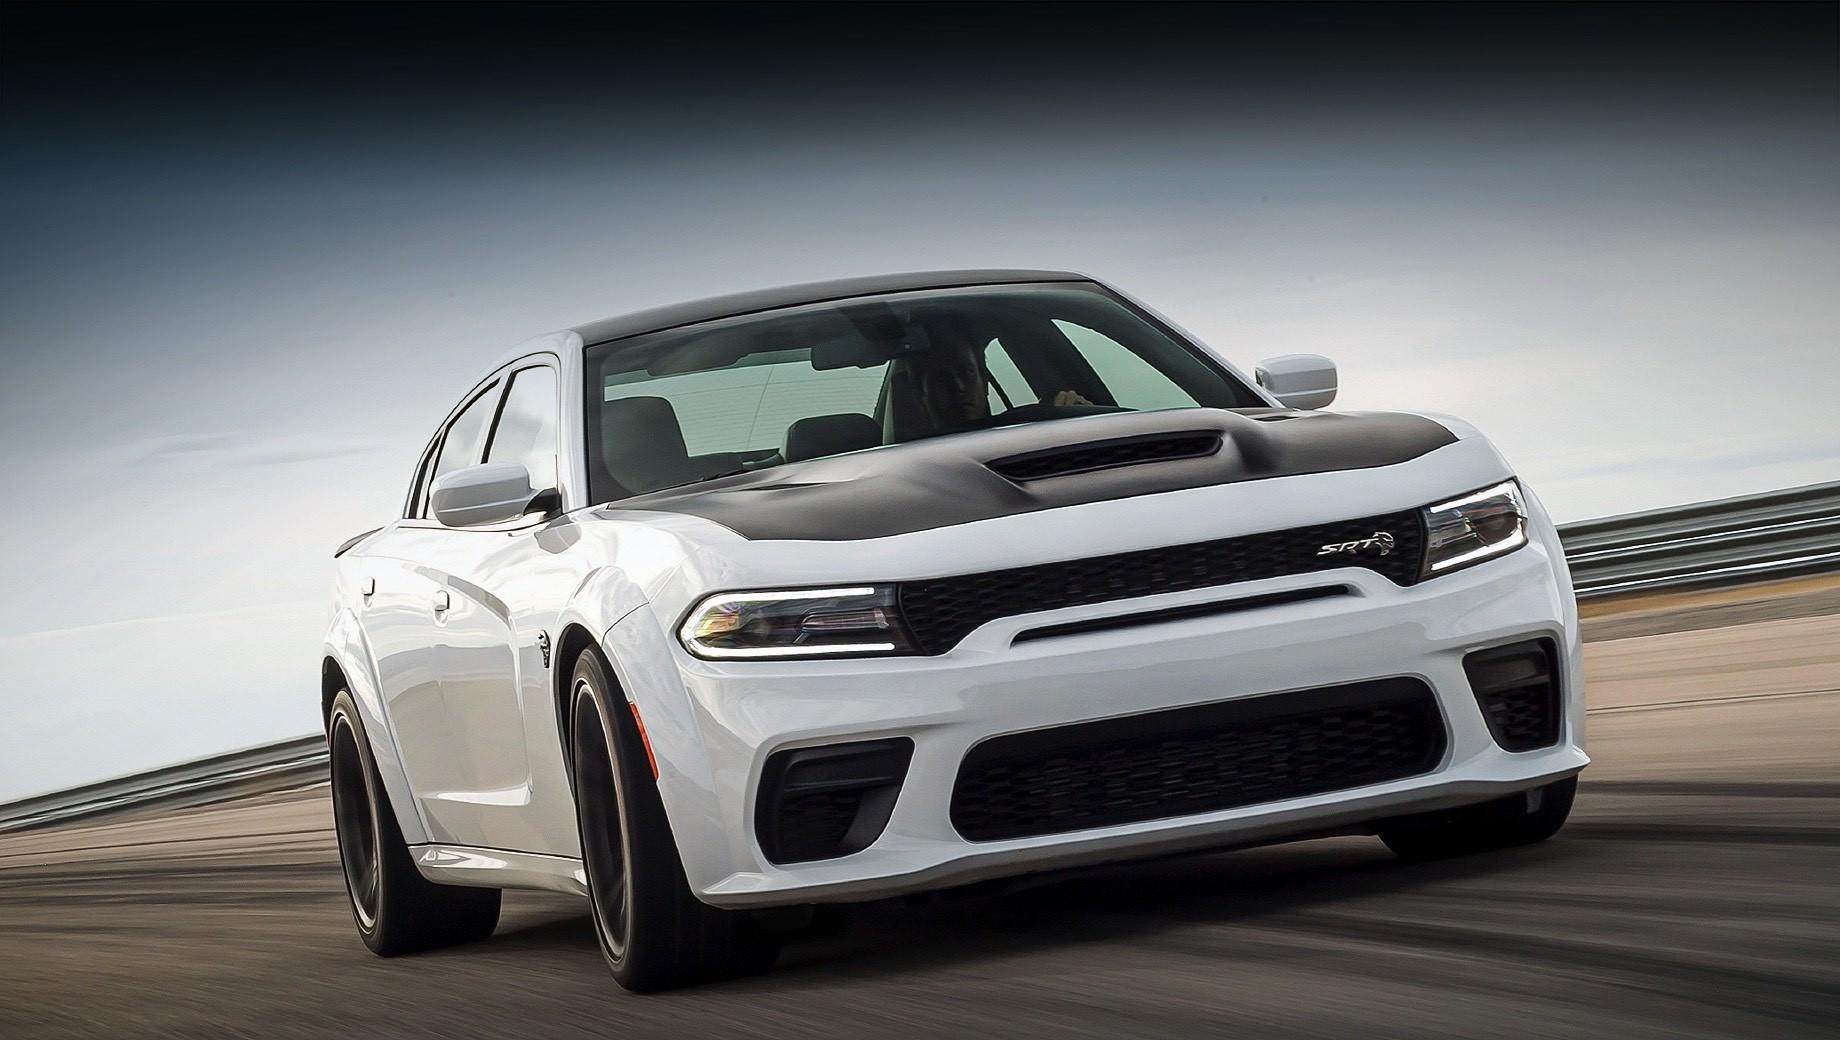 На американский рынок вышел седан Dodge Charger 2021 модельного года. О появлении хардкорной версии SRT Hellcat Redeye мы уже знаем, но есть и другие новости.